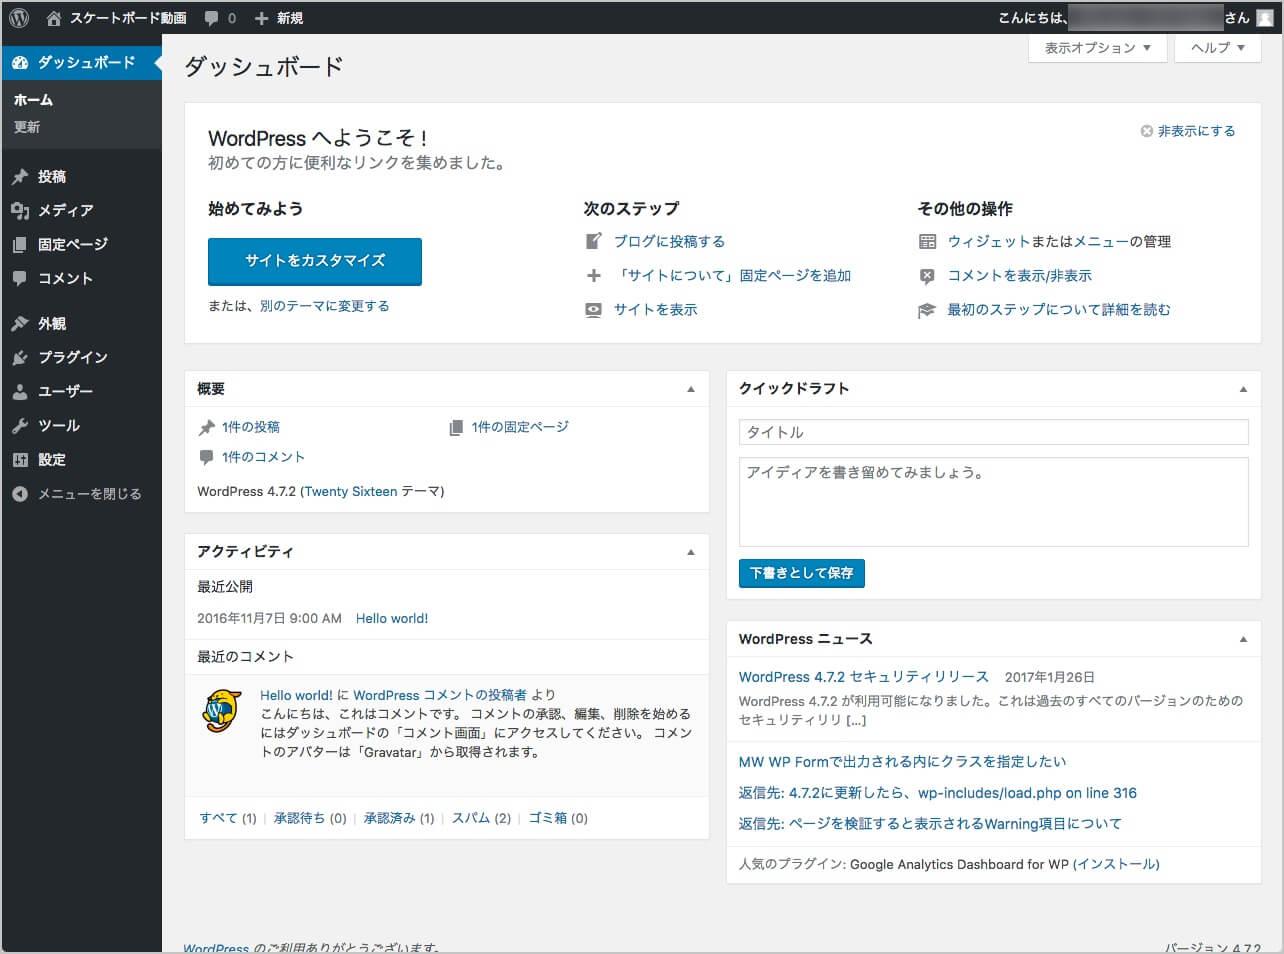 WordPressのダッシュボード画面